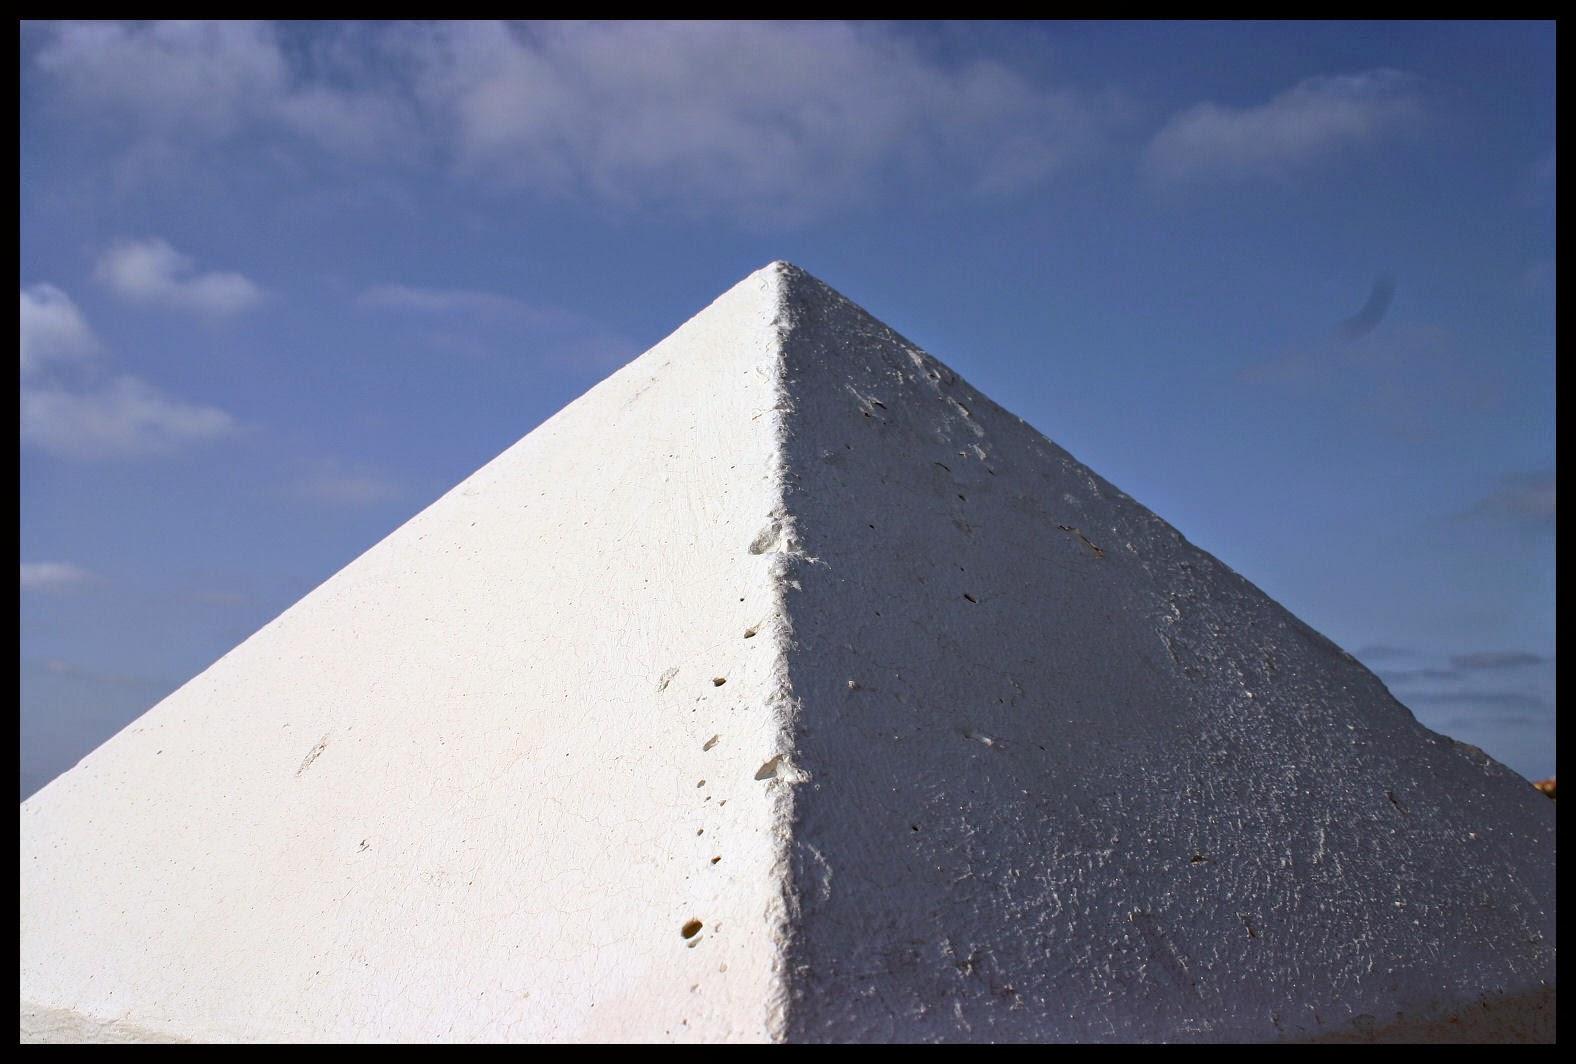 Gran pirámide blanca